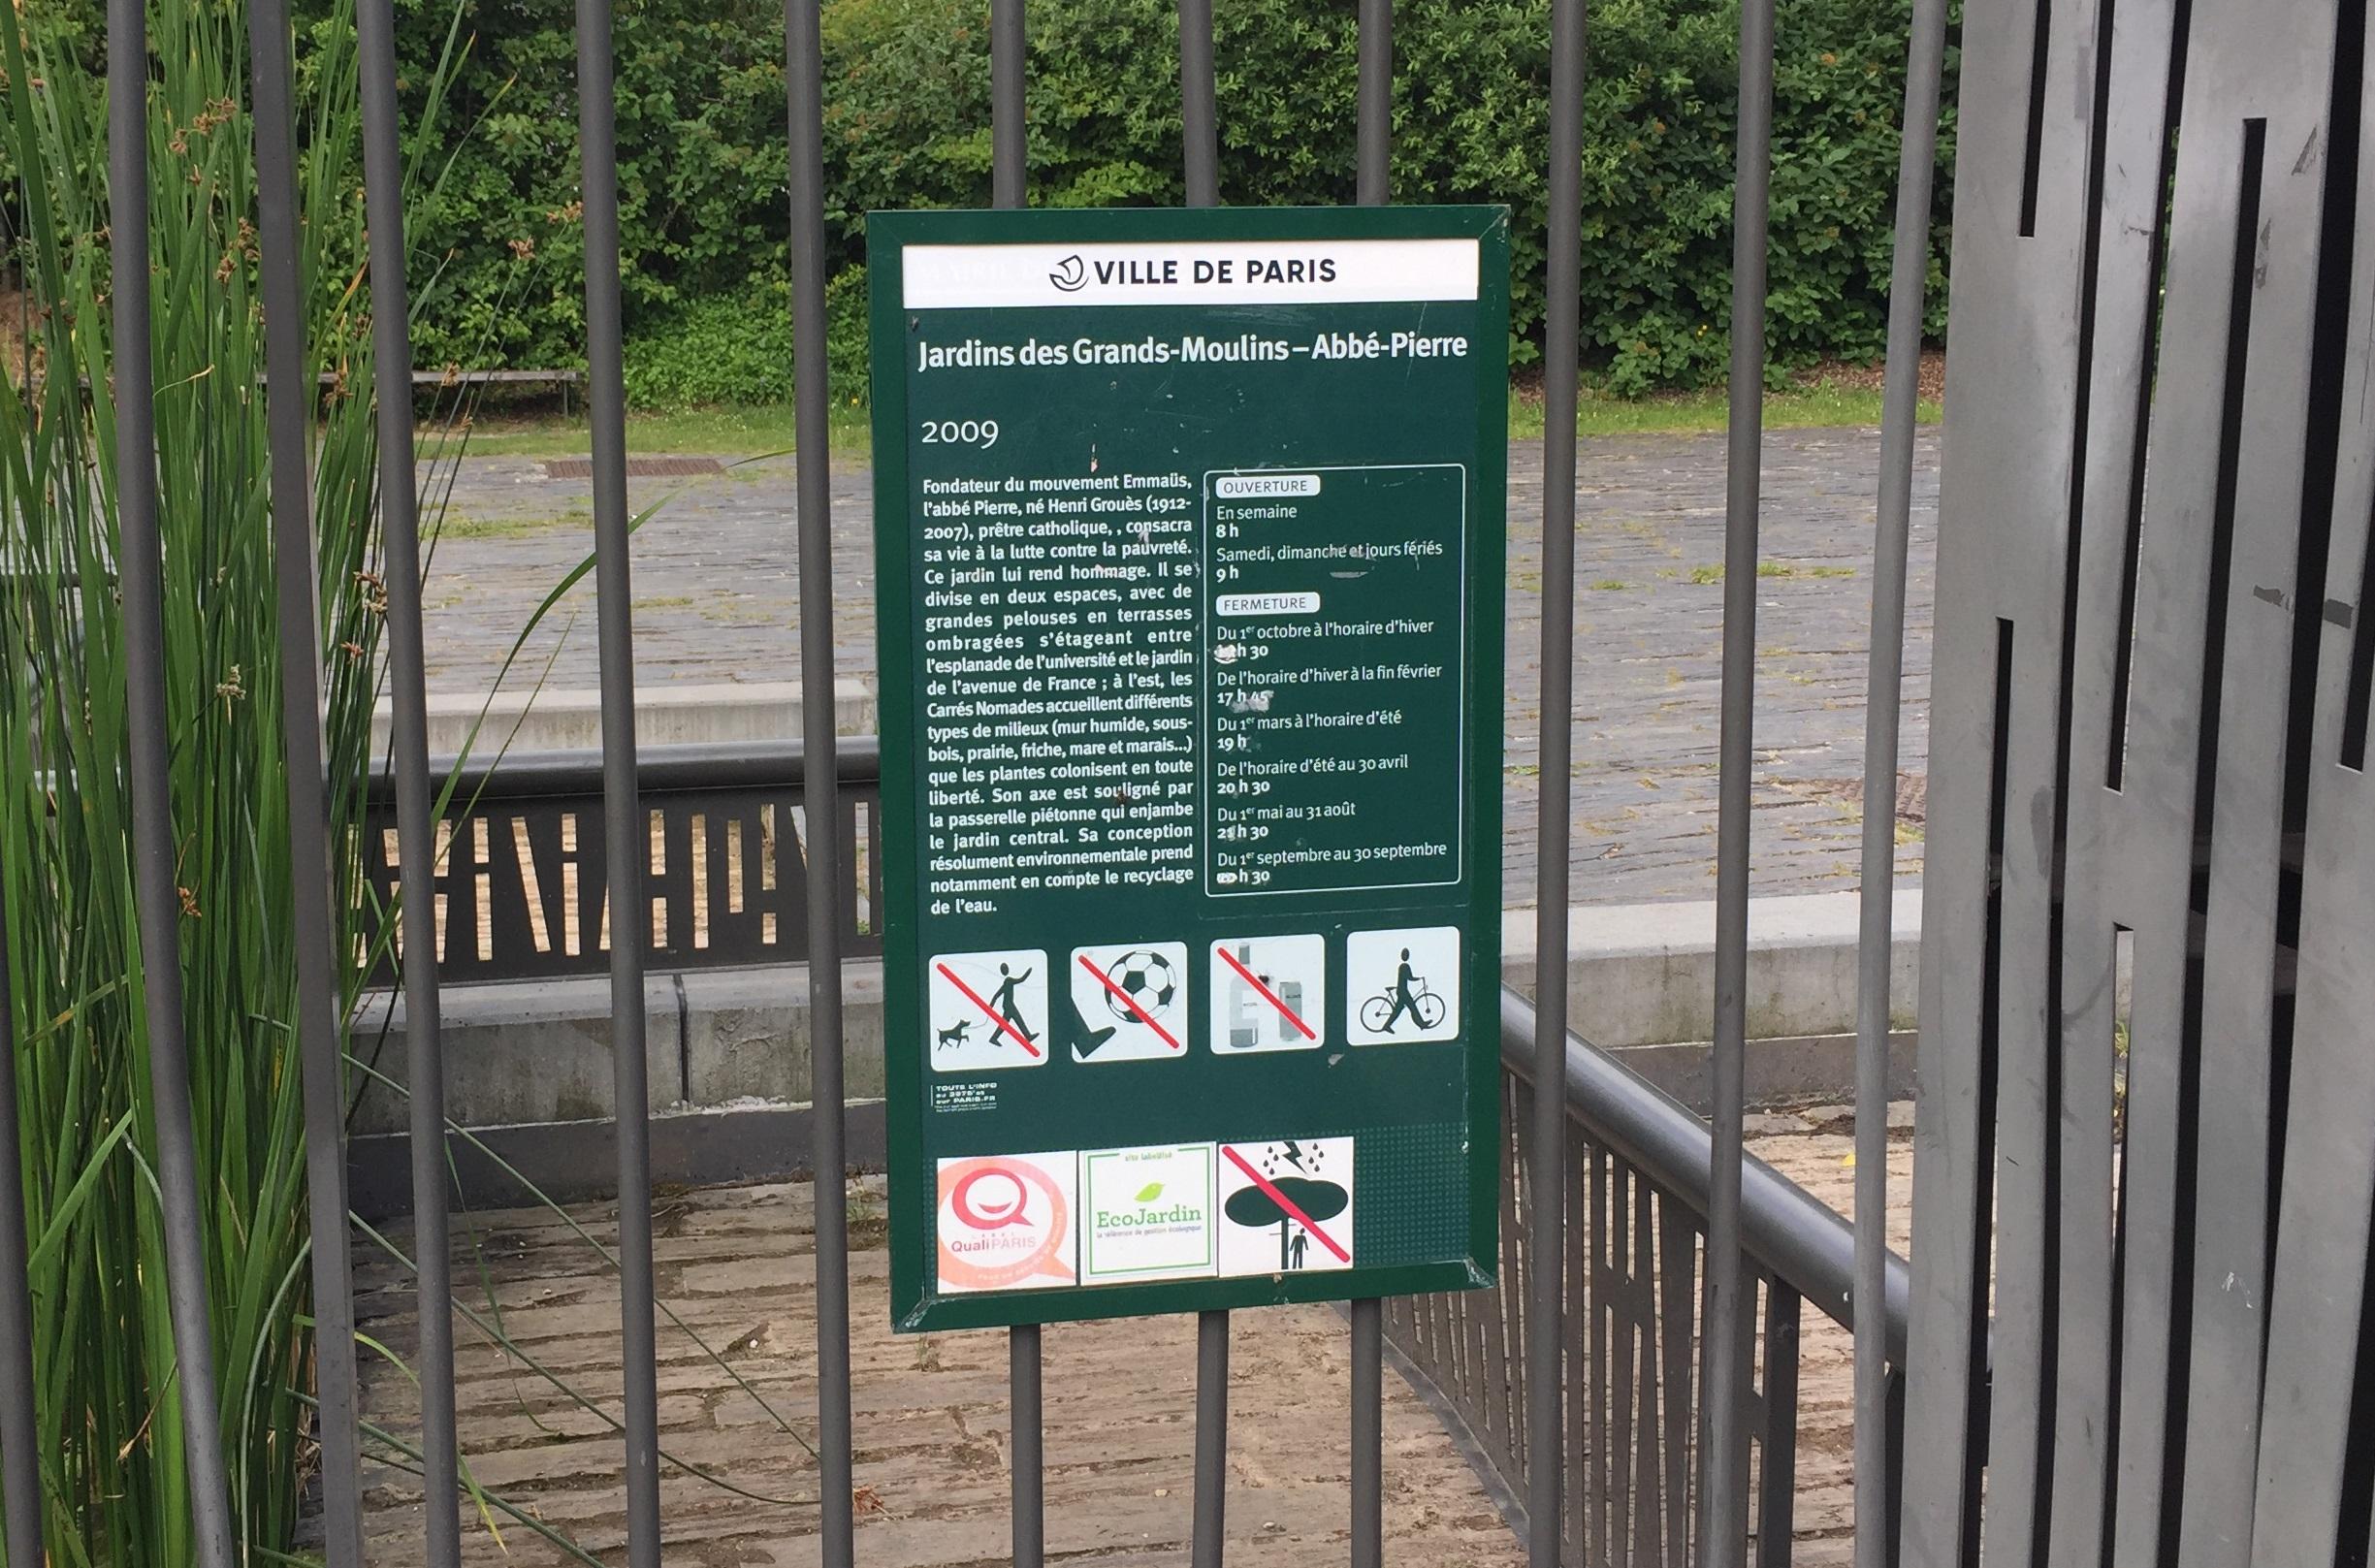 Espaces verts : Parcs, jardins et squares de Paris – Paris.fr